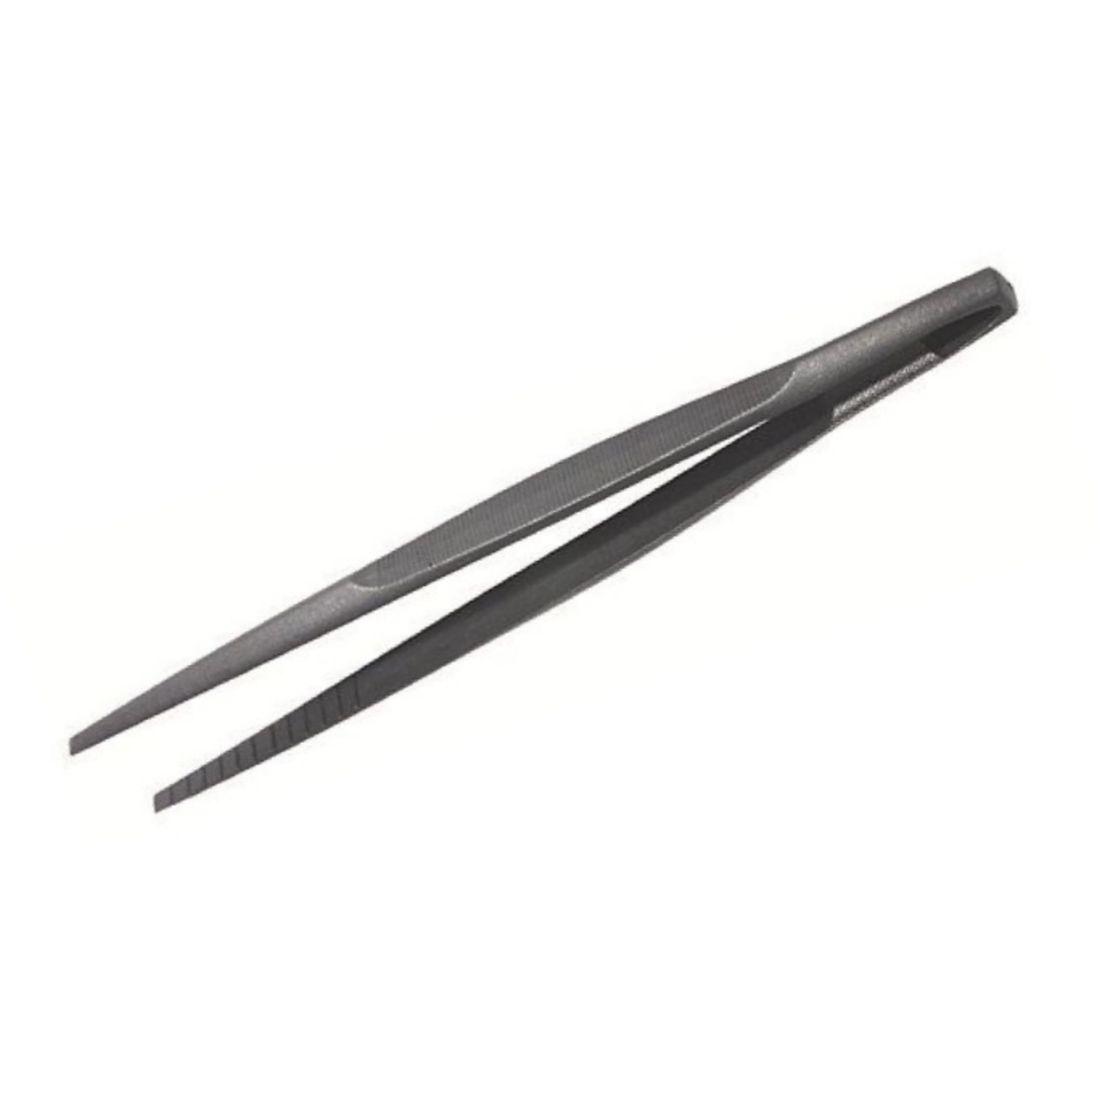 Pinzeta nylonová 29 cm